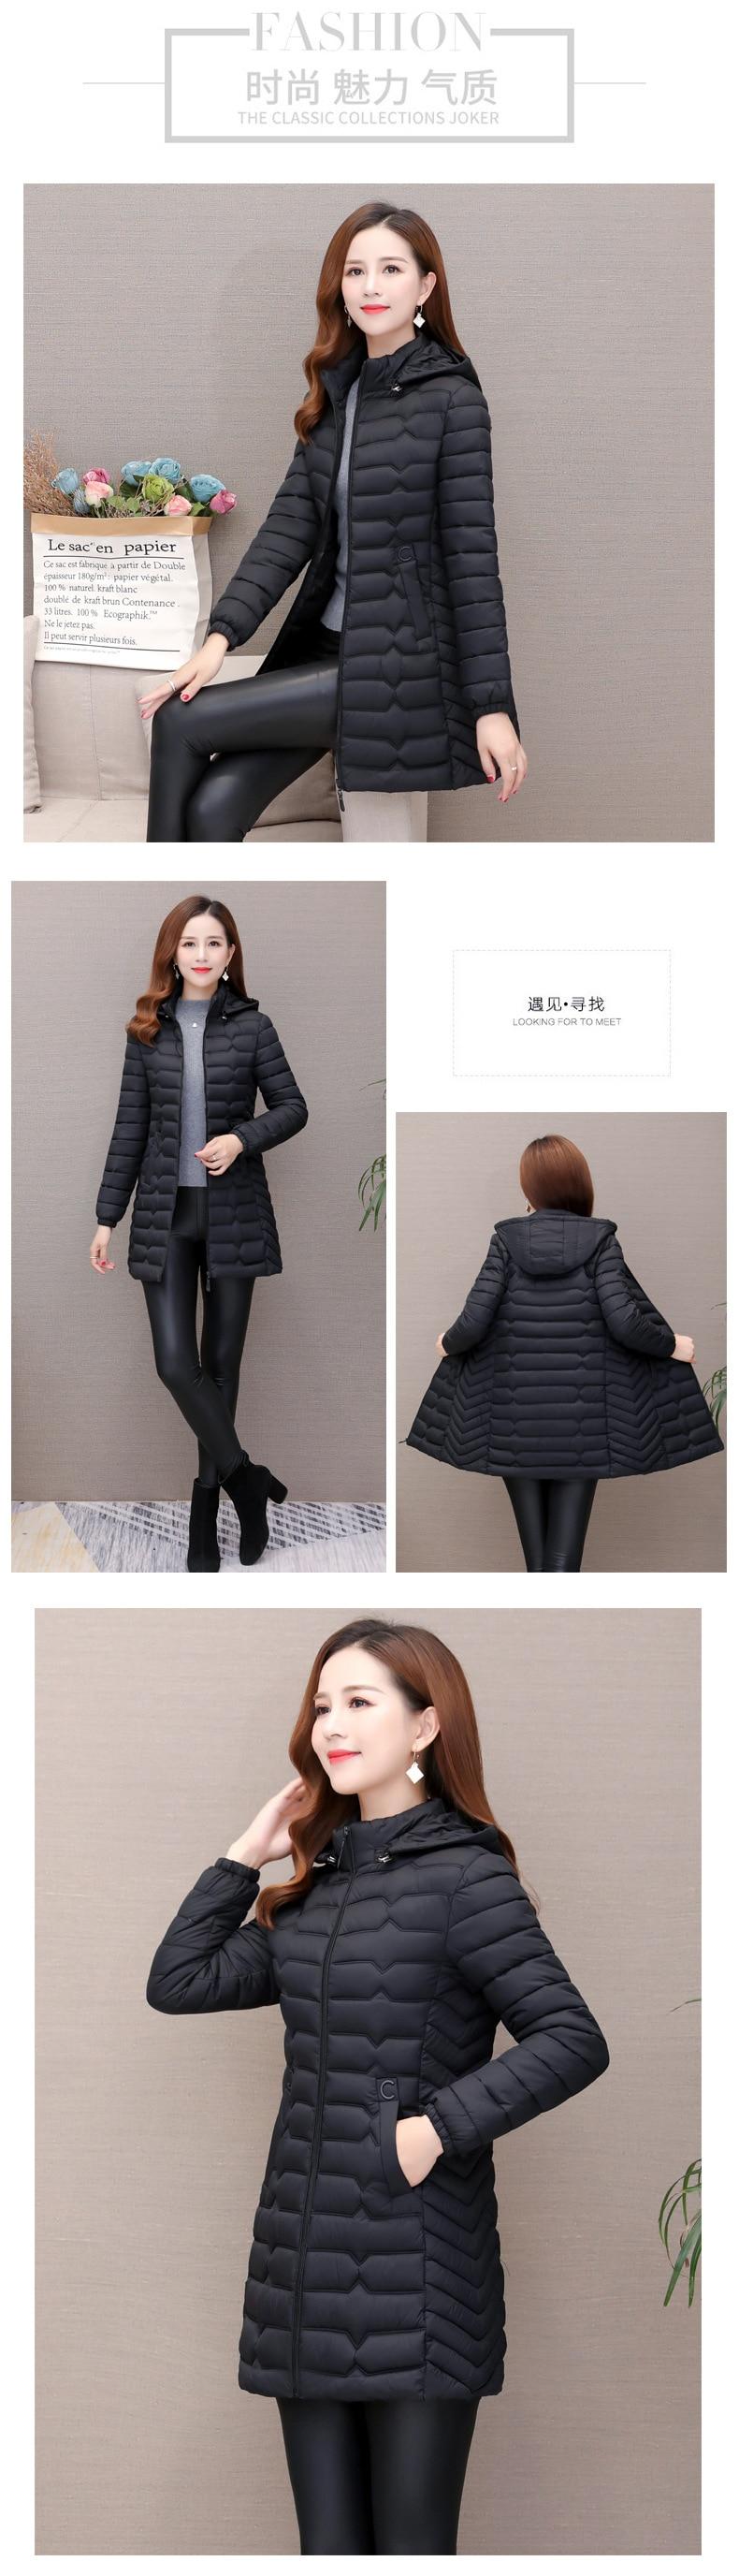 Зимняя новая стильная женская одежда в Корейском стиле, приталенная тонкая хлопковая стеганая одежда средней длины, приталенная хлопковая стеганая куртка Coa